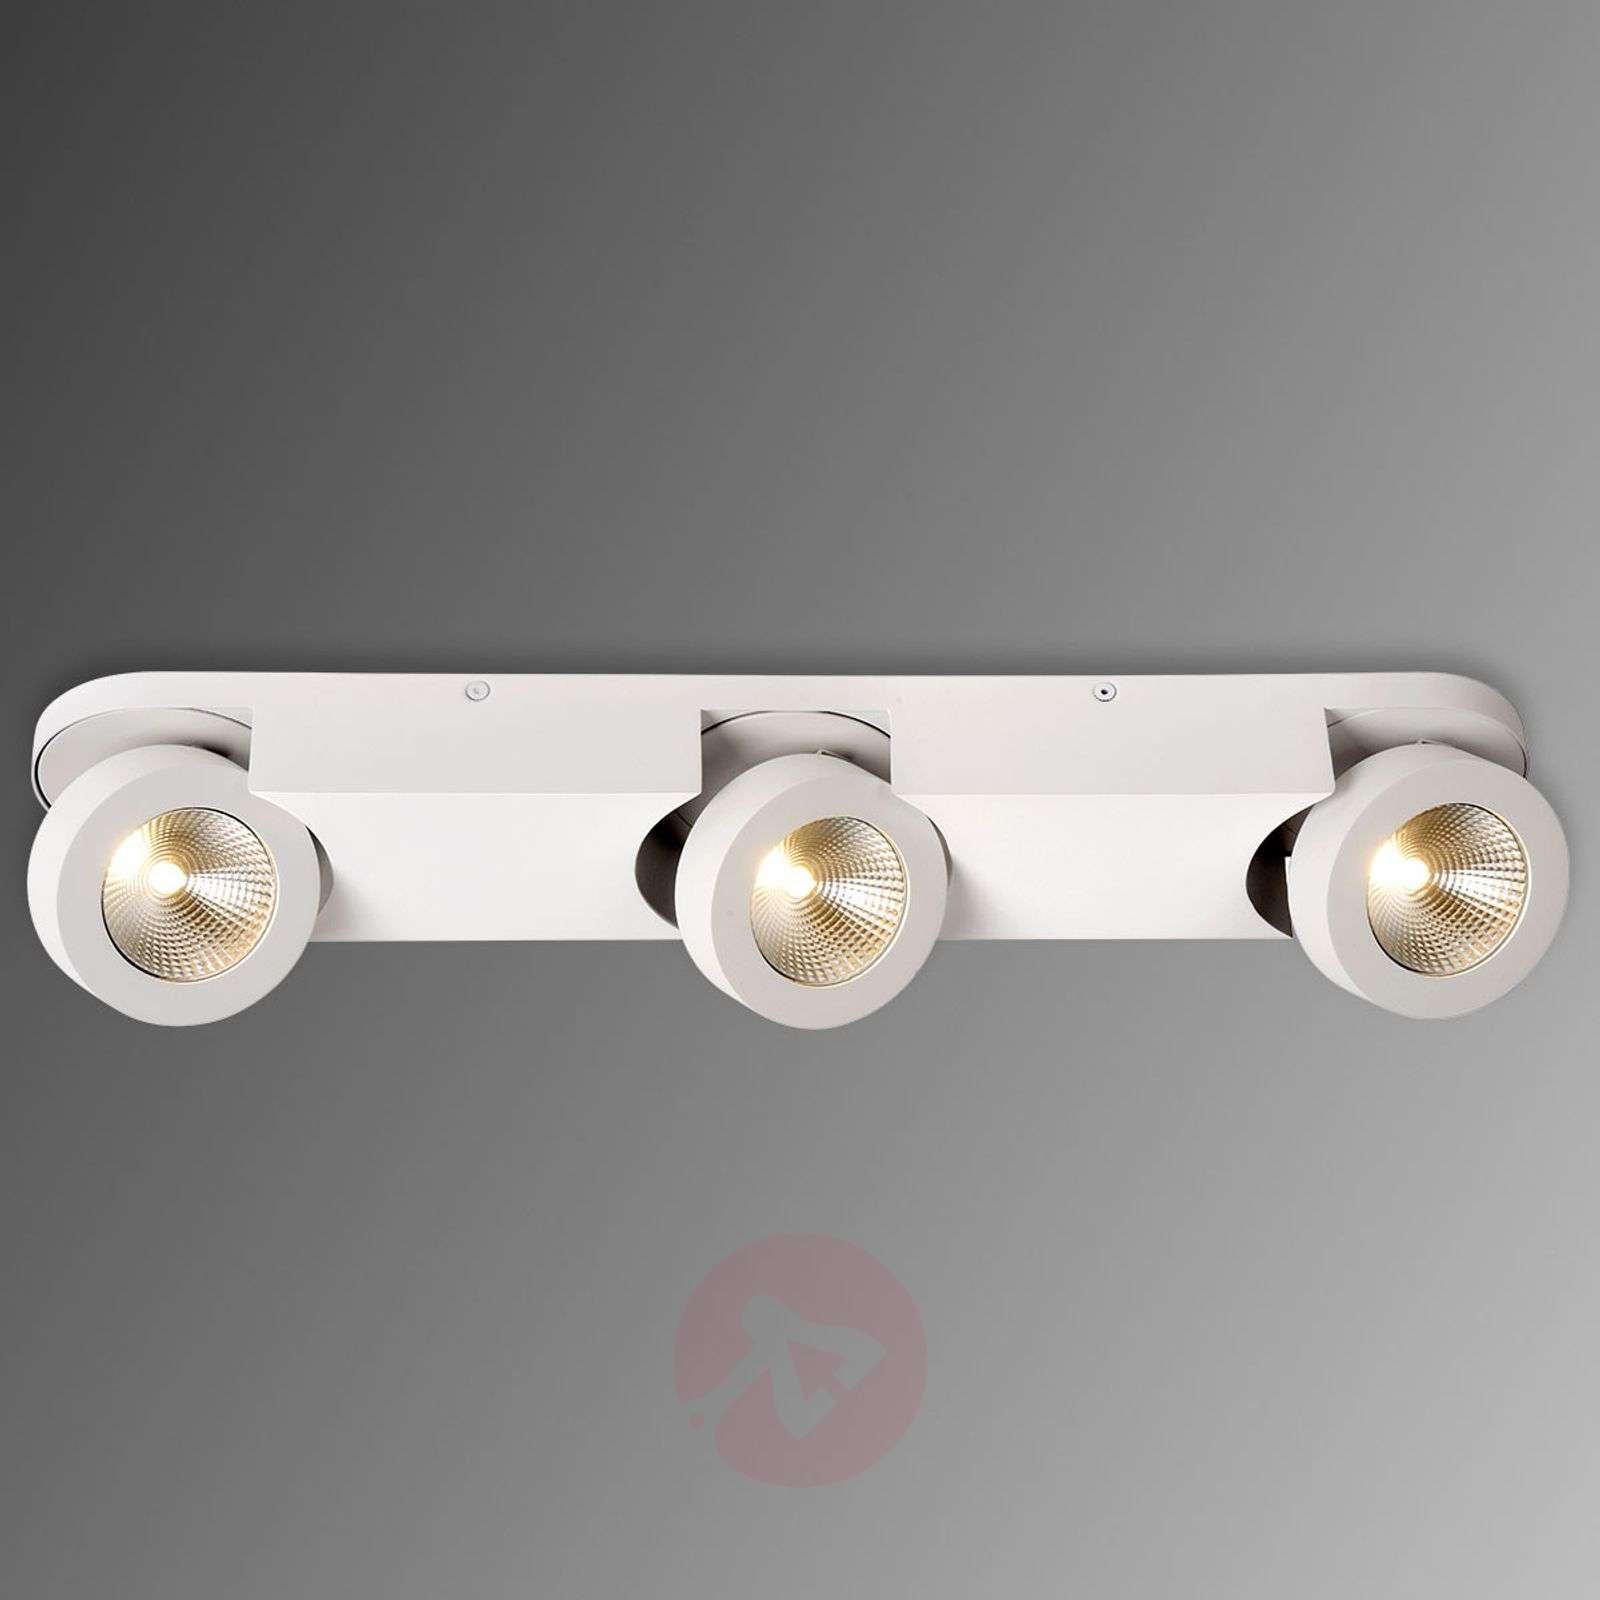 Adjustable LED ceiling spotlight Mitrax three-bulb-6055089-01